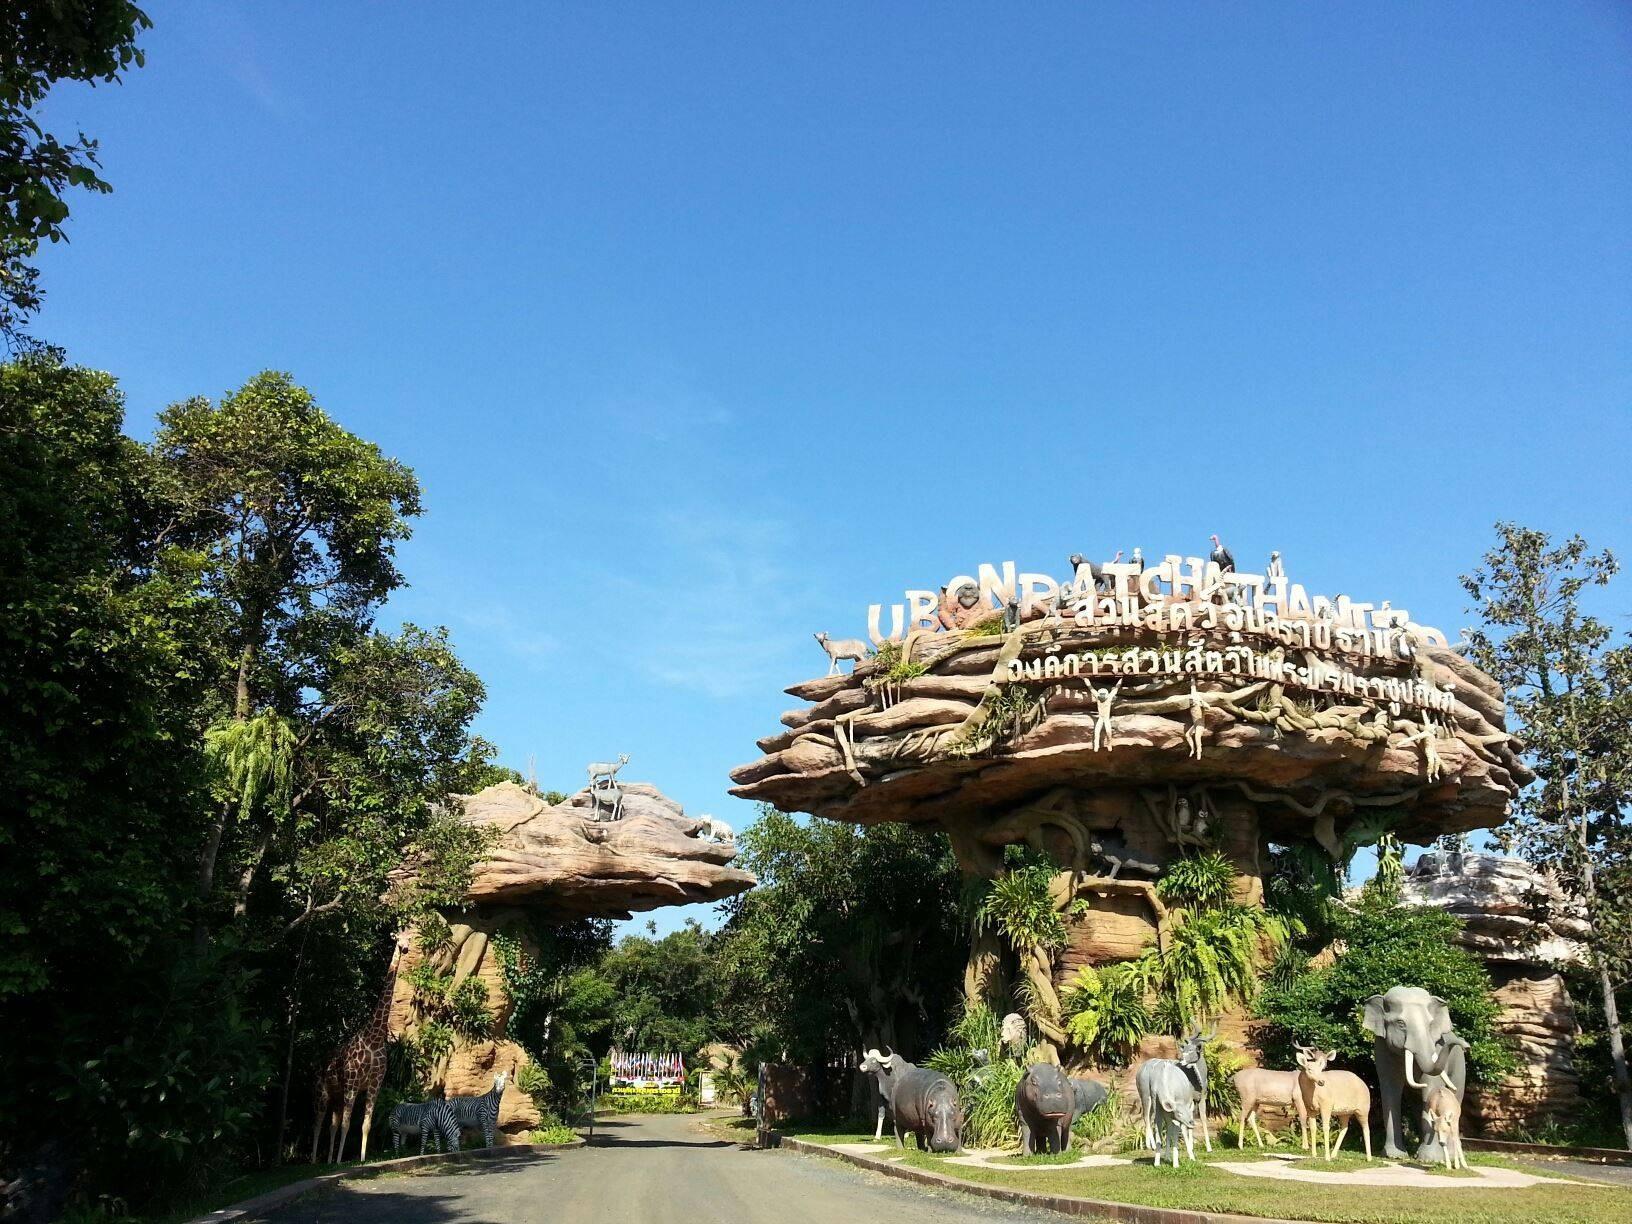 รูปภาพจาก FB สวนสัตว์อุบลราชธานี Ubon Zoo